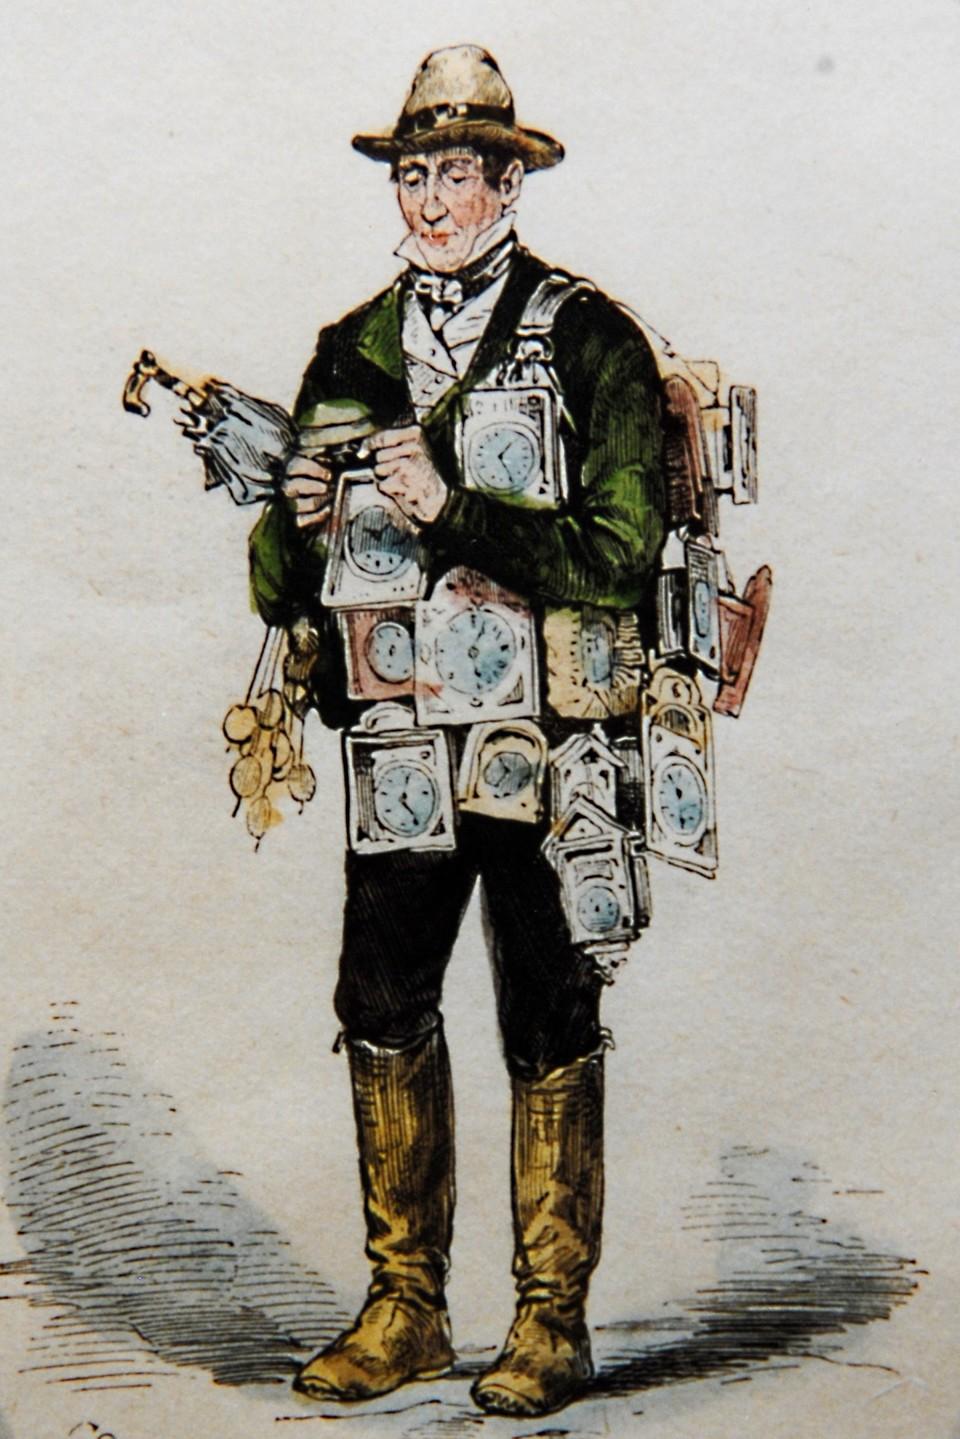 Der Uhrenhändler Mathias Faller verkaufte sogar im Orient seine Uhren erfolgreich